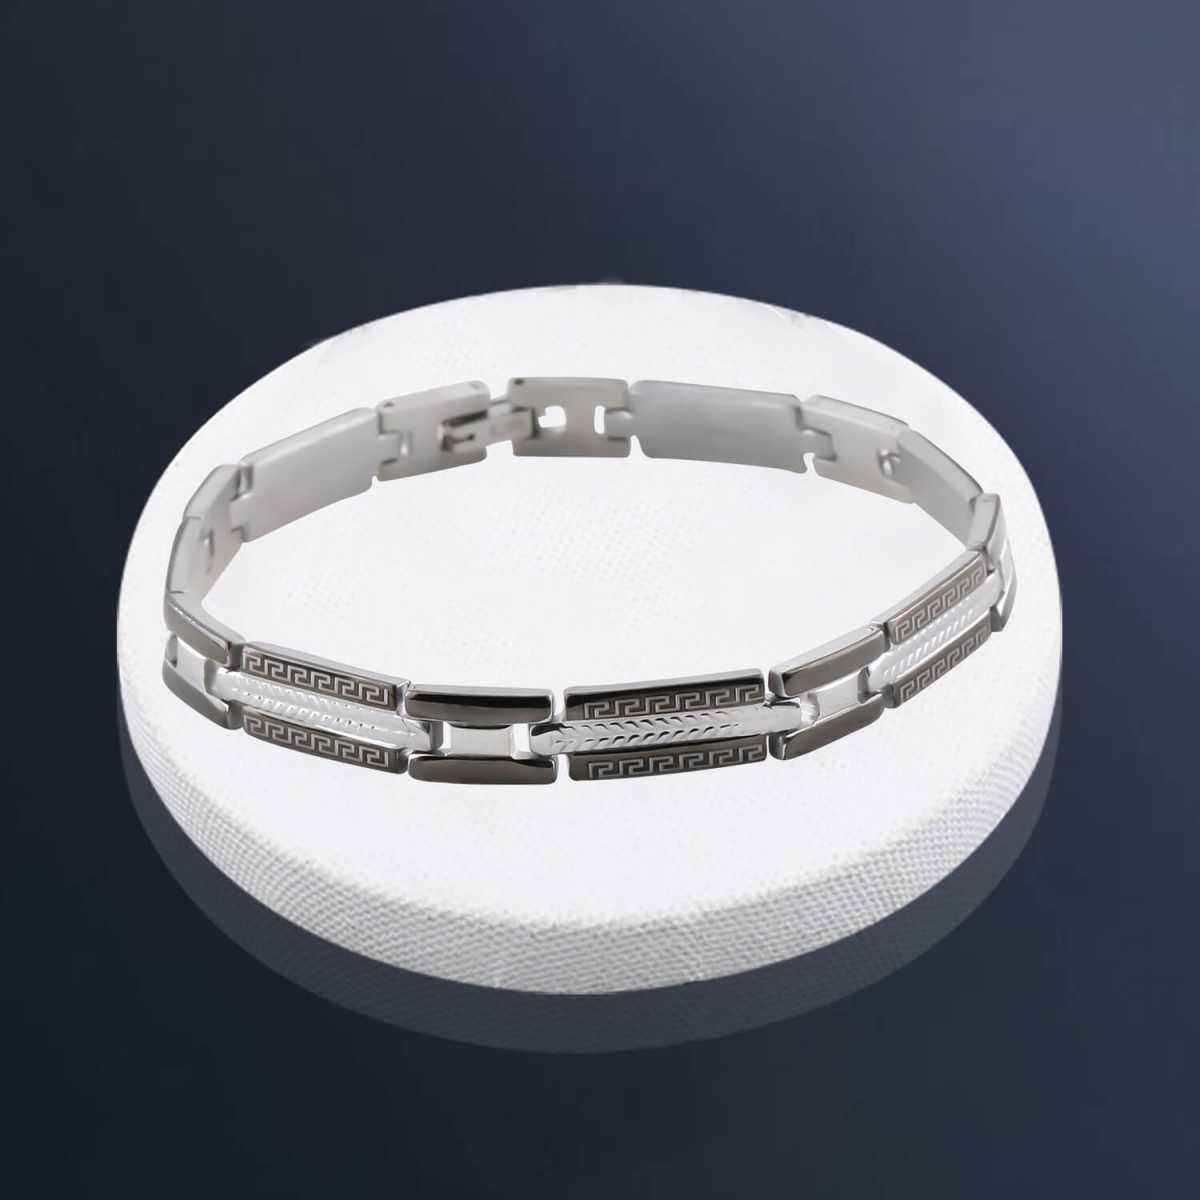 Charming Slim Style Designer Bracelet for men Jewellery